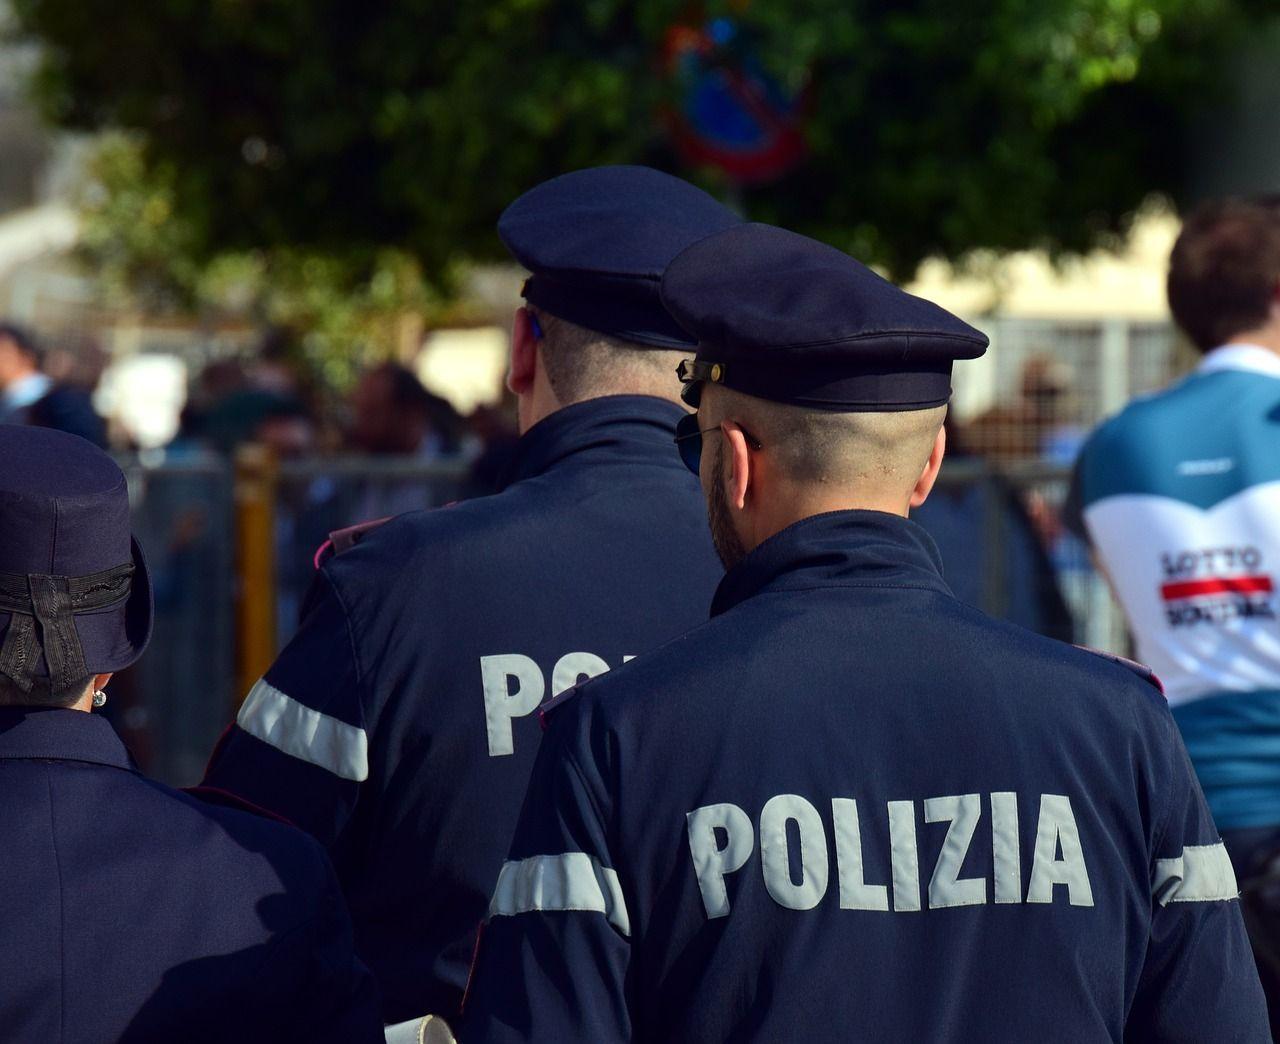 Sardegna, 34enne marocchina massacrata di botte e uccisa: fermati due connazionali